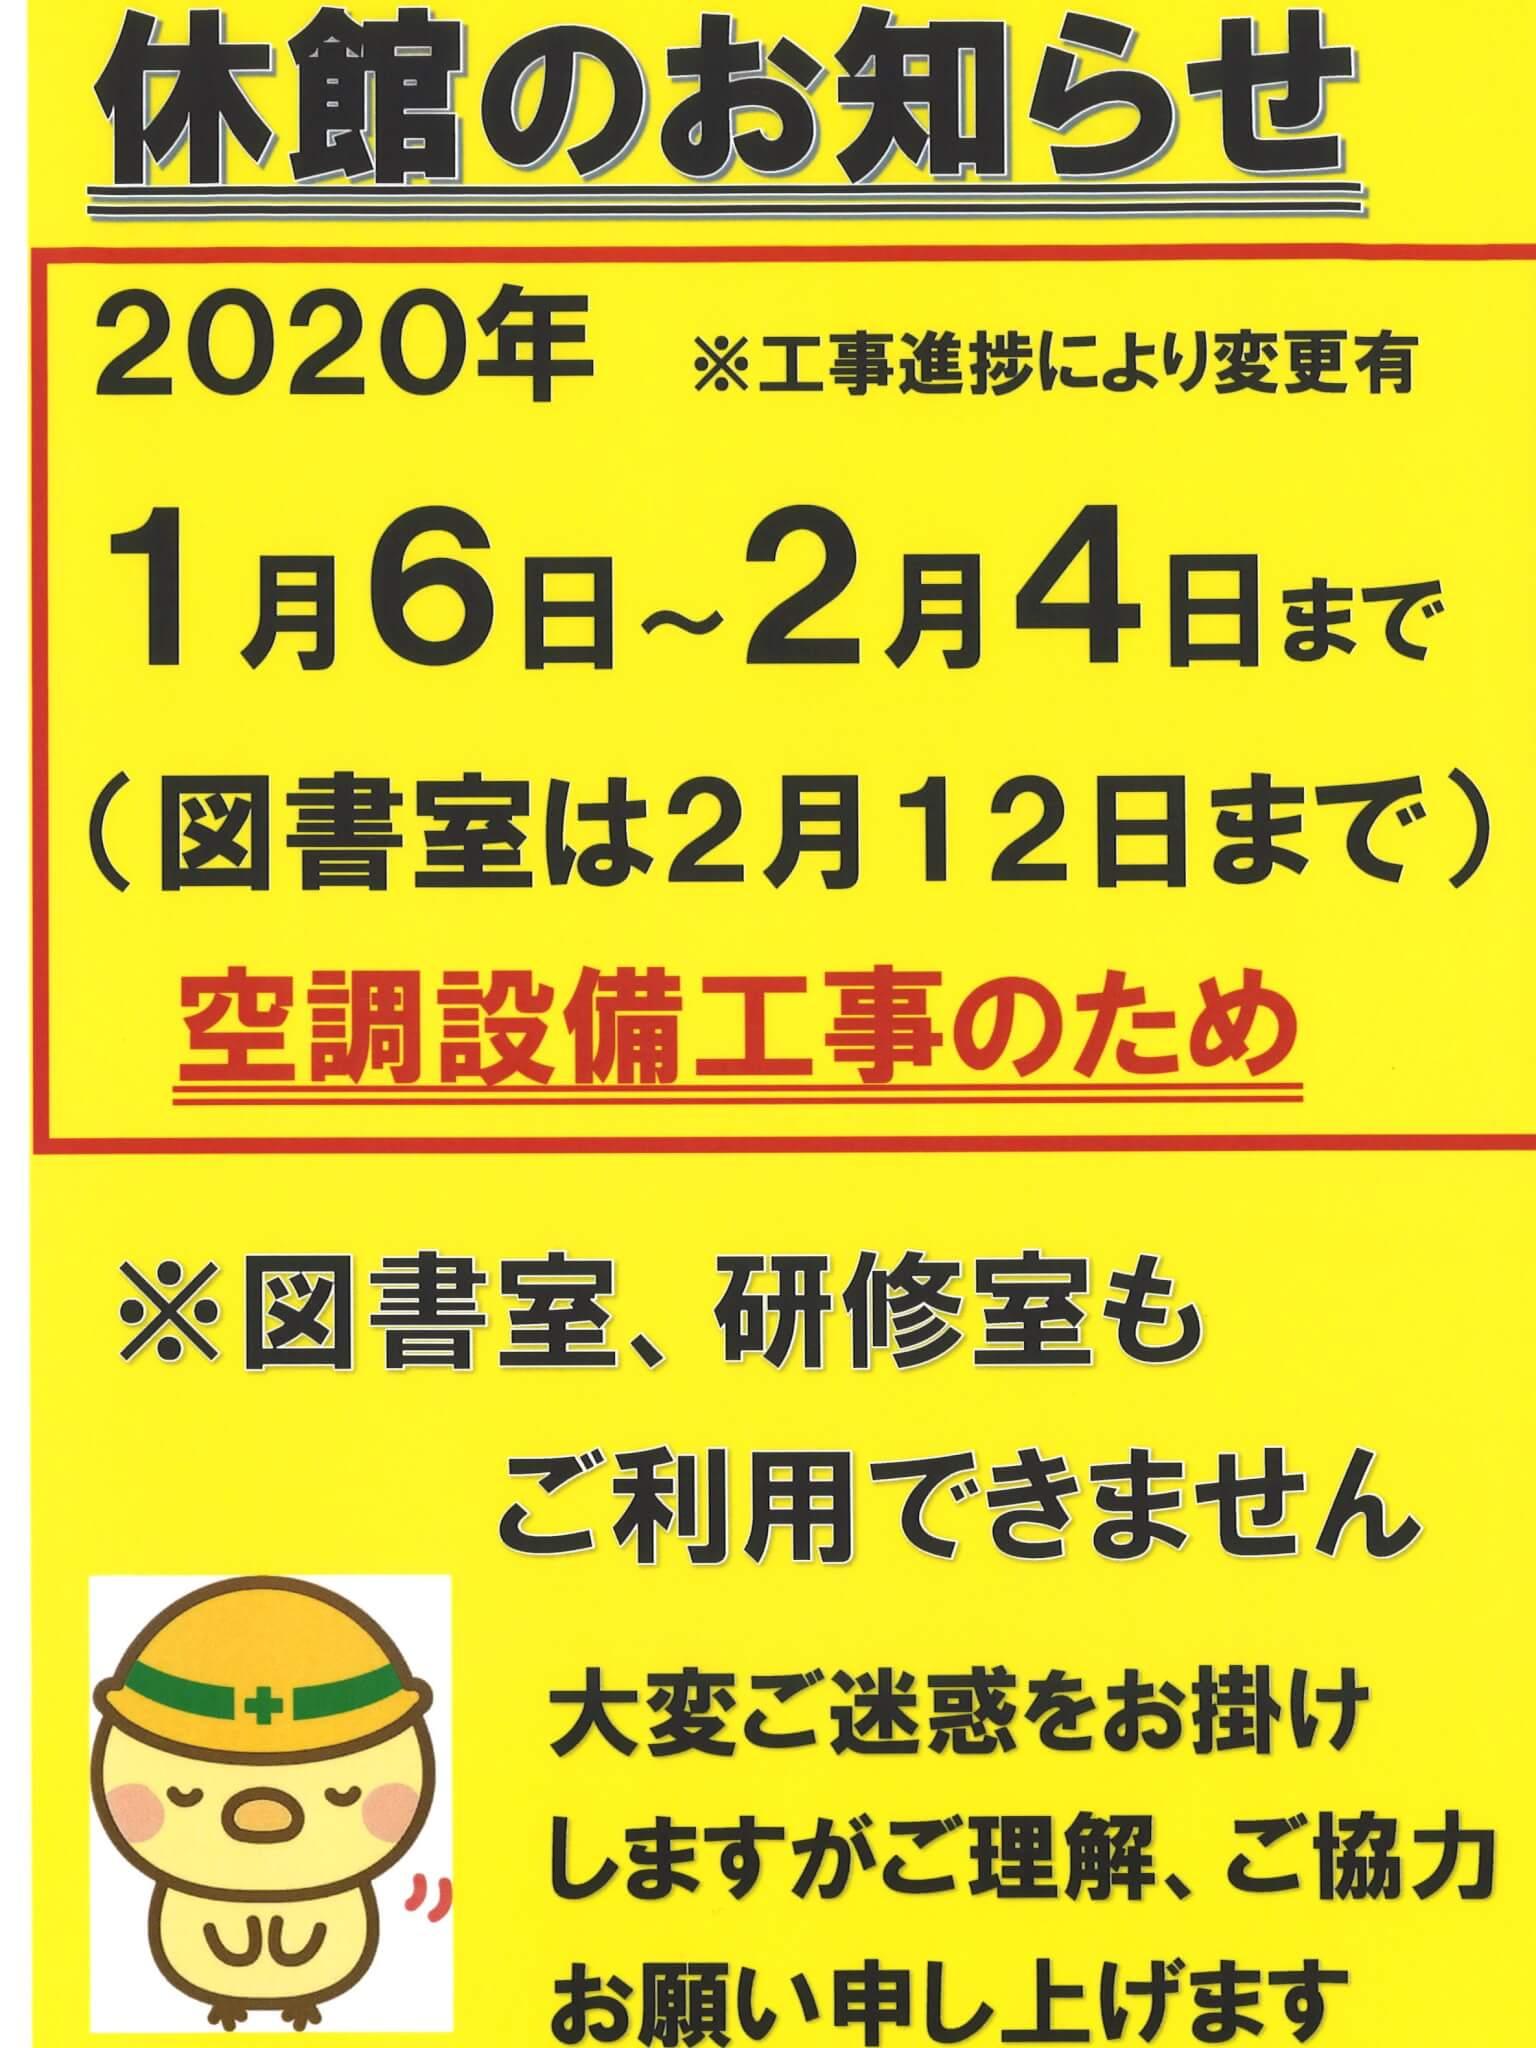 加古川海洋文化センター休館のお知らせ